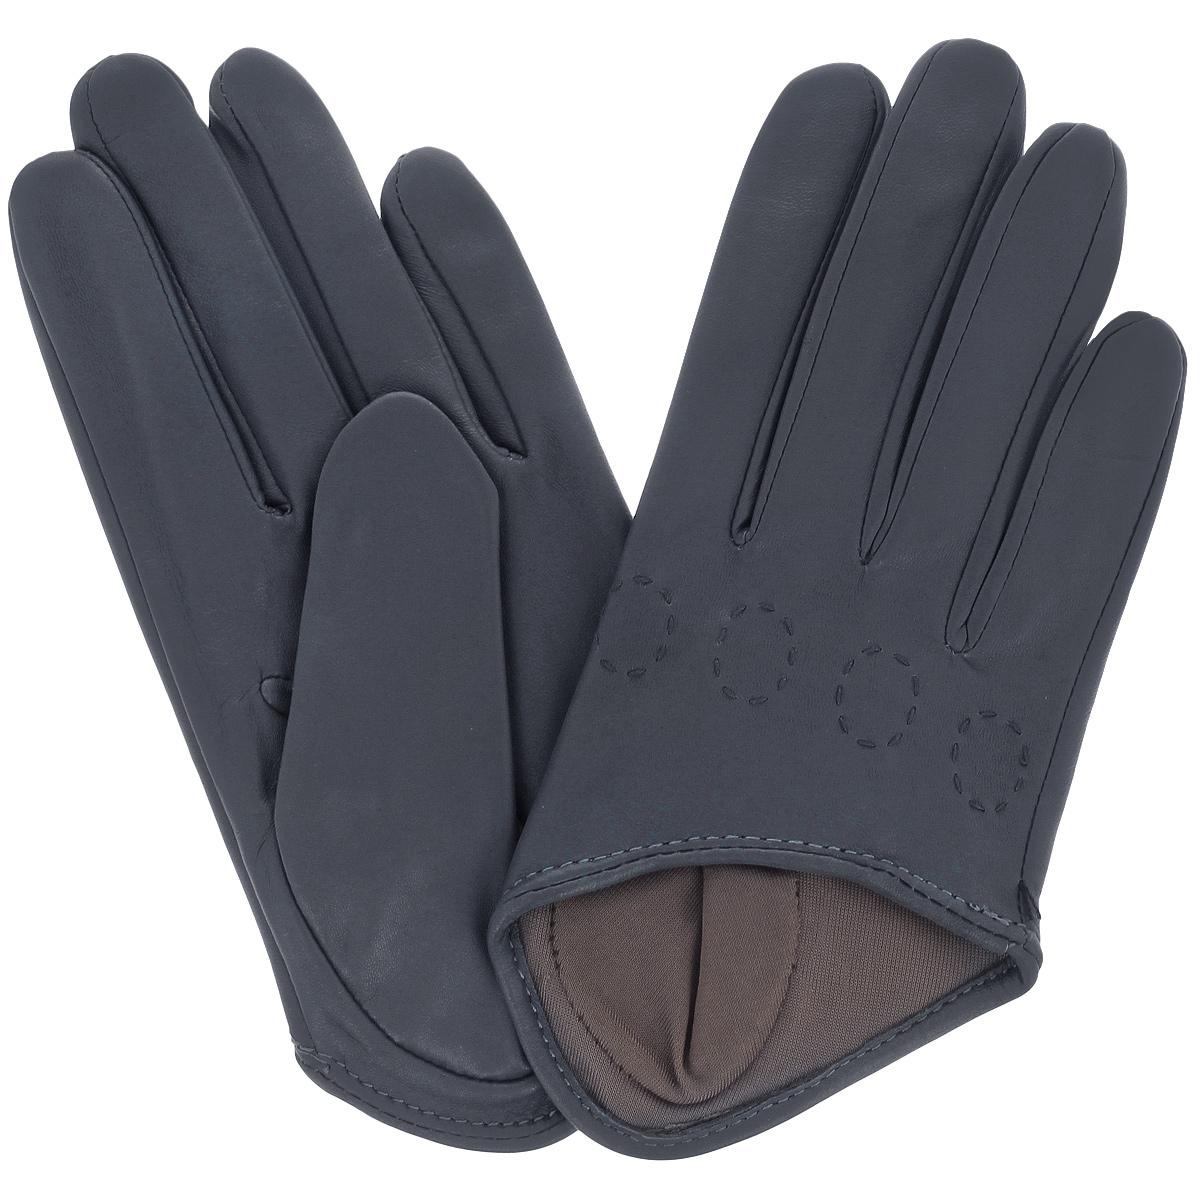 Перчатки женские Michel Katana, цвет: чернильный. K81-IF1. Размер 7,5K81-IF1/ENCRСтильные перчатки Michel Katana с шелковой подкладкой выполнены из мягкой и приятной на ощупь натуральной кожи ягненка. Перчатки станут достойным элементом вашего стиля и сохранят тепло ваших рук. Это не просто модный аксессуар, но и уникальный авторский стиль, наполненный духом севера Франции.